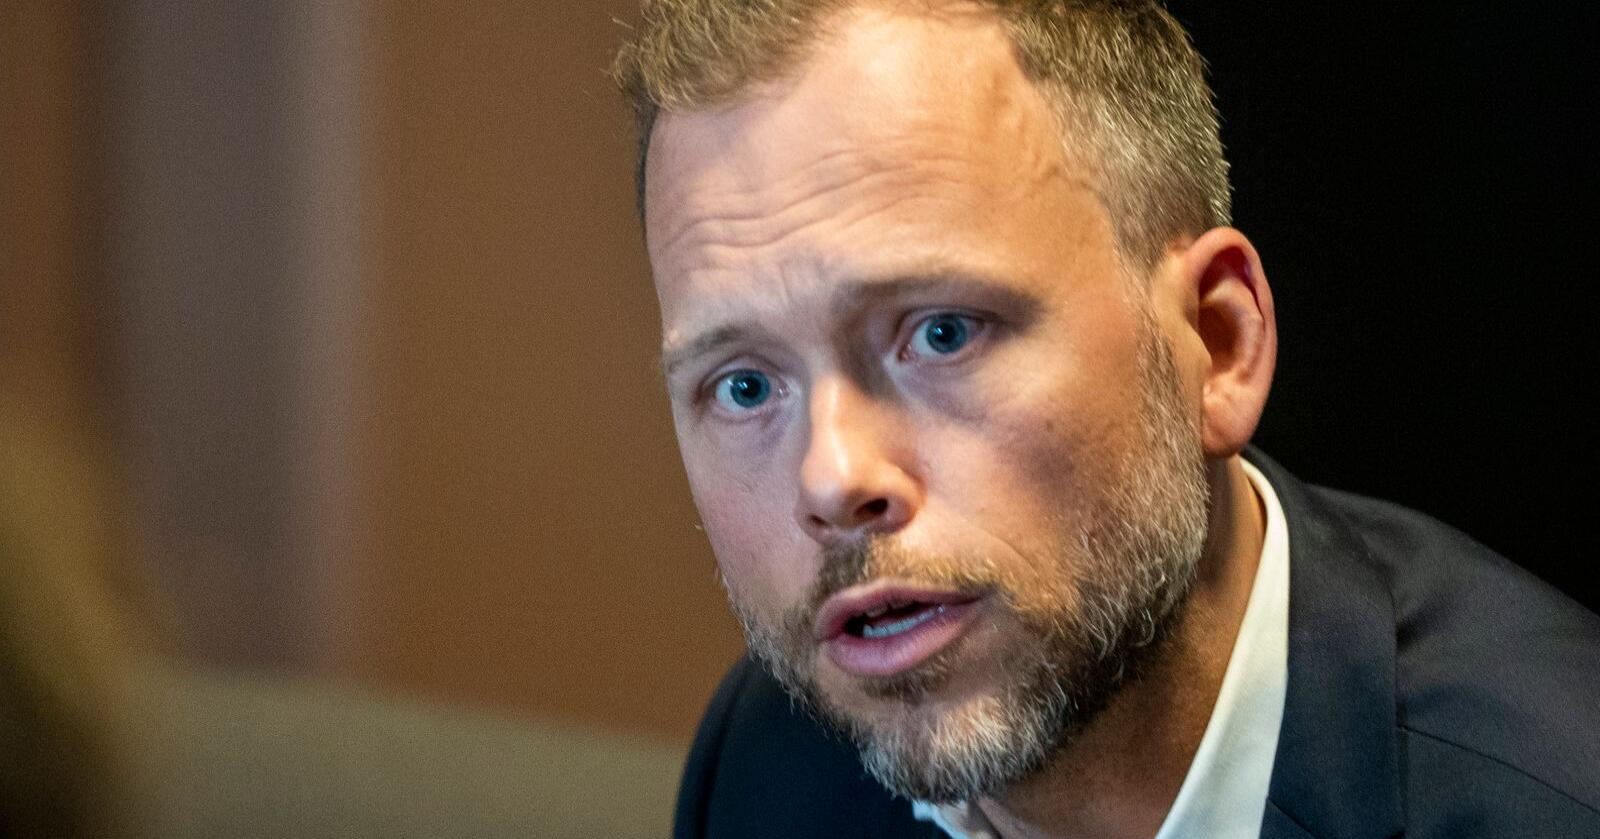 Beskyldes for uærlighet: SV og partileder Audun Lysbakken får skatterefs fra Høyre.  Foto: Terje Pedersen / NTB